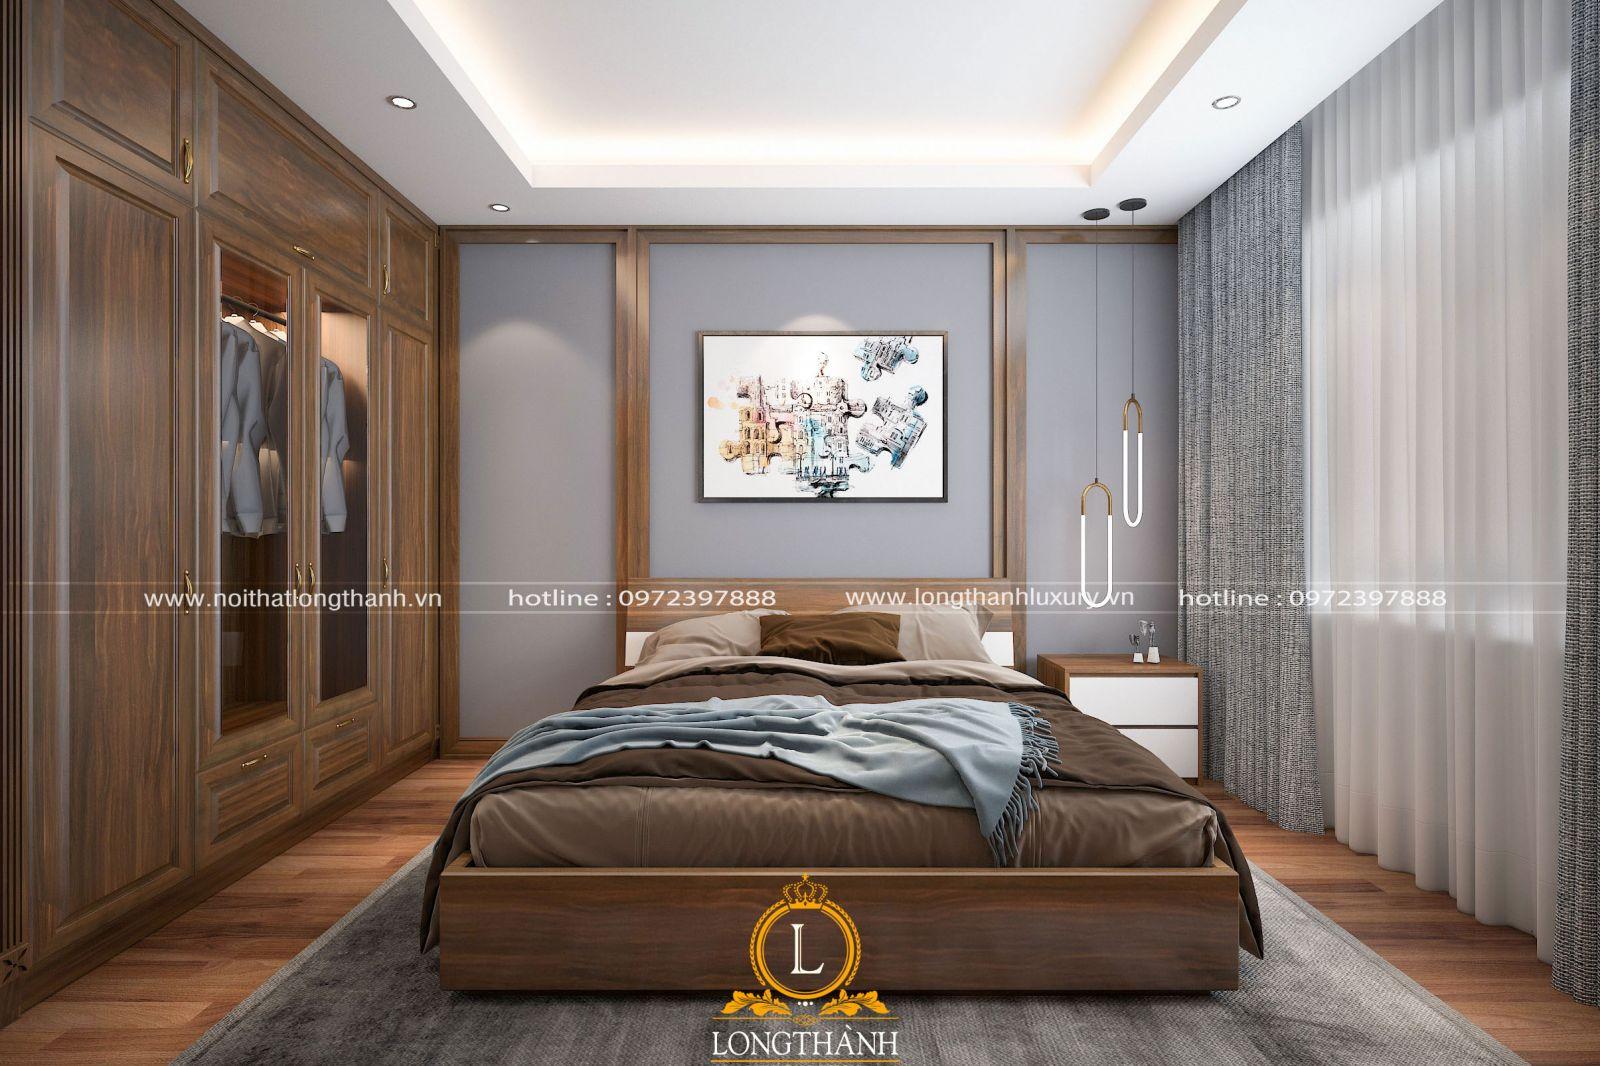 Không gian phòng ngủ với đồ nội thất được thiết kế nhẹ nhàng mà sang trọng